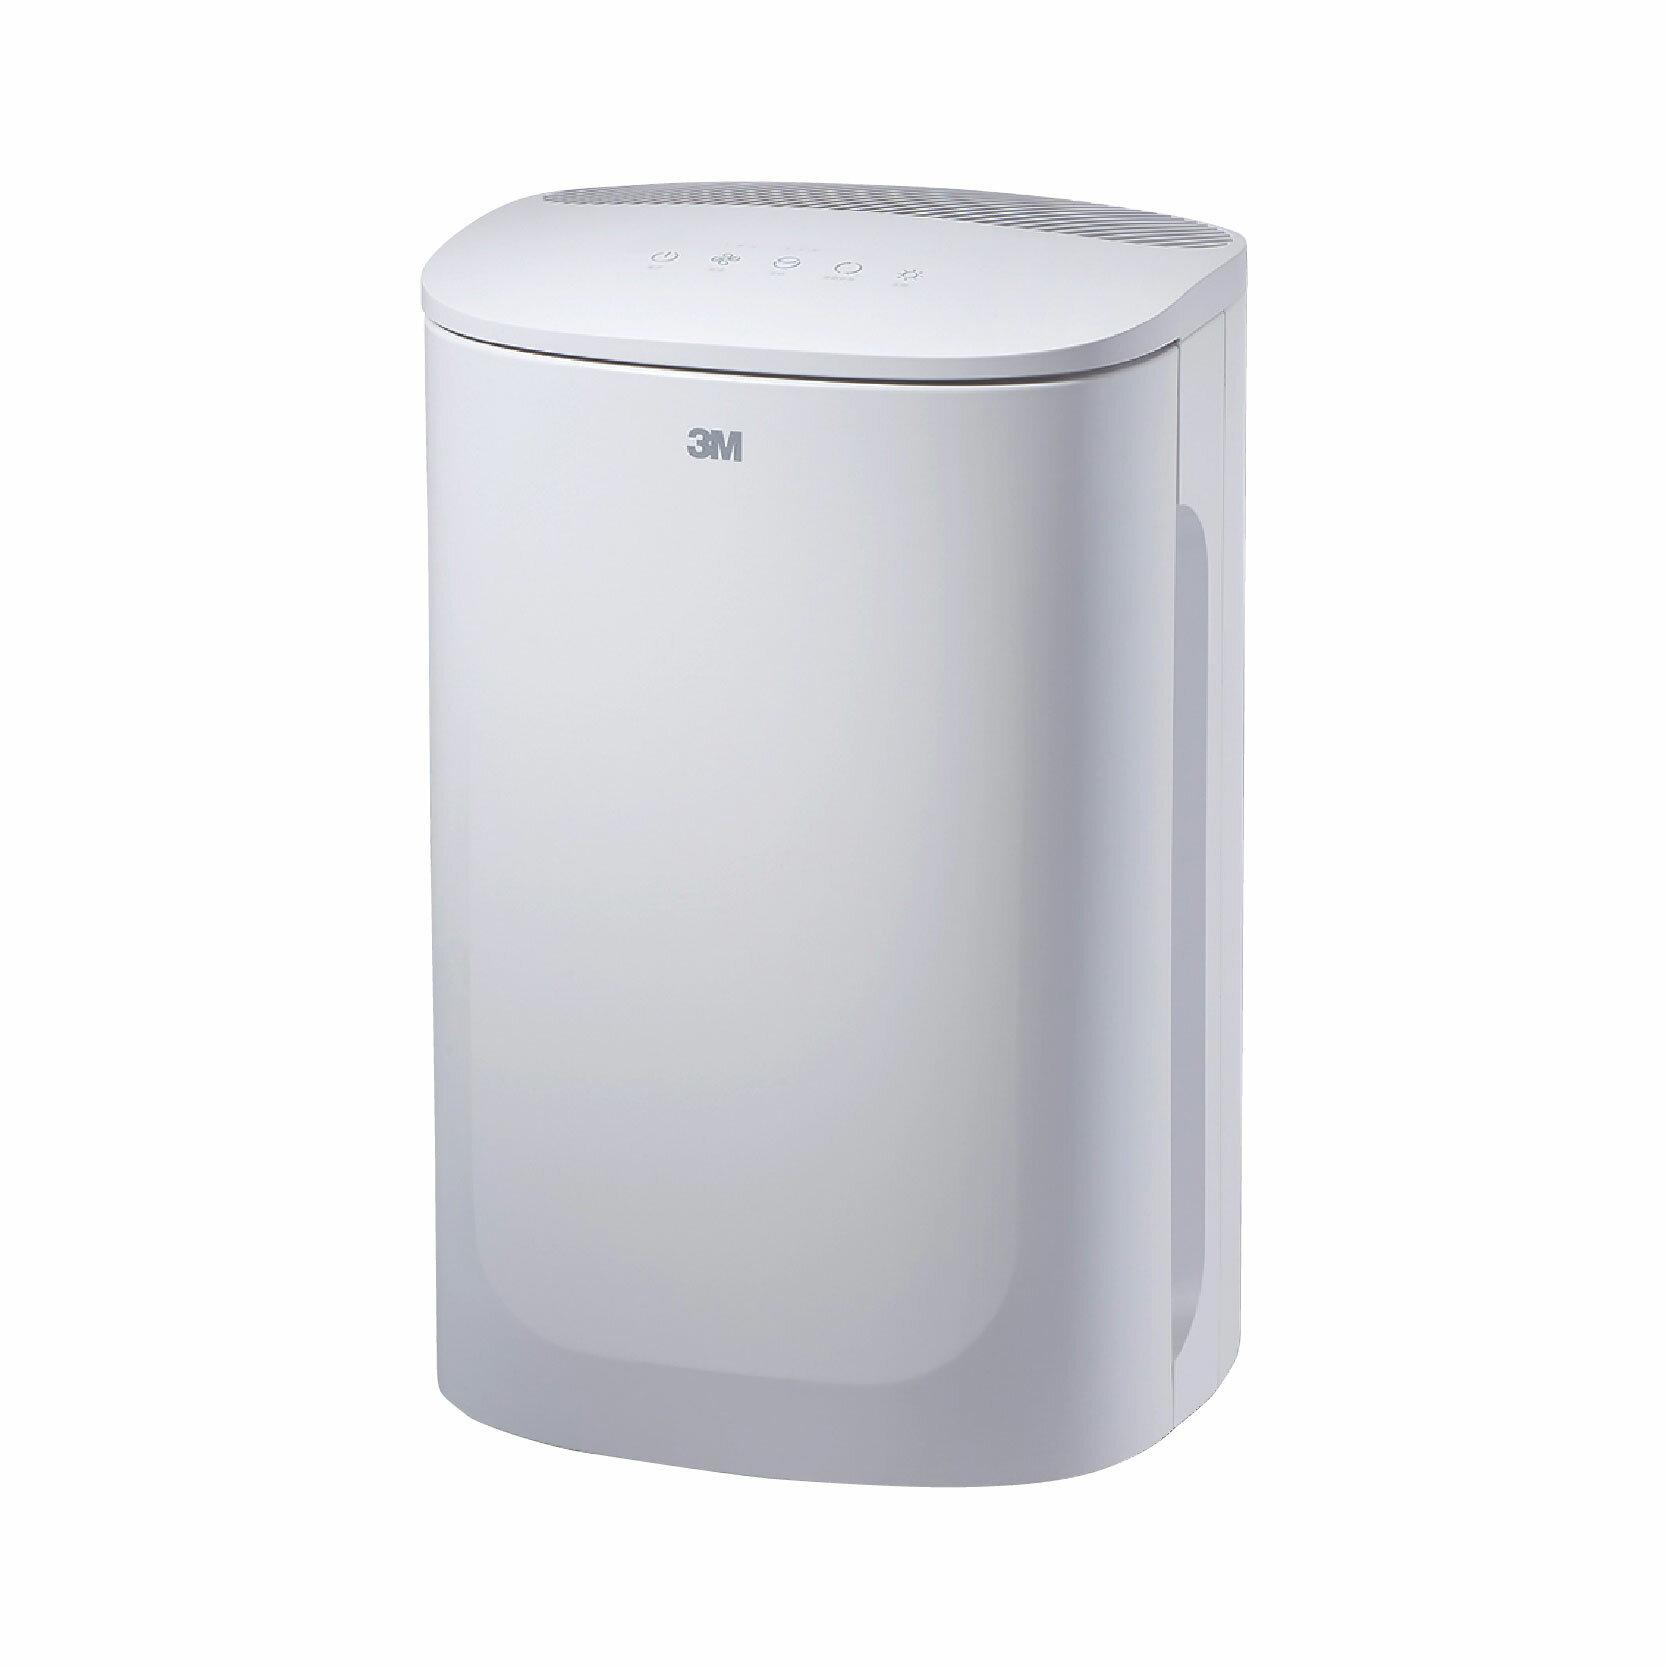 3M 淨呼吸空氣清淨機 FA-U120 除臭 除菌 吸附灰塵 空氣清淨機 強效過濾 除去過敏原 活性碳濾網 負離子清淨